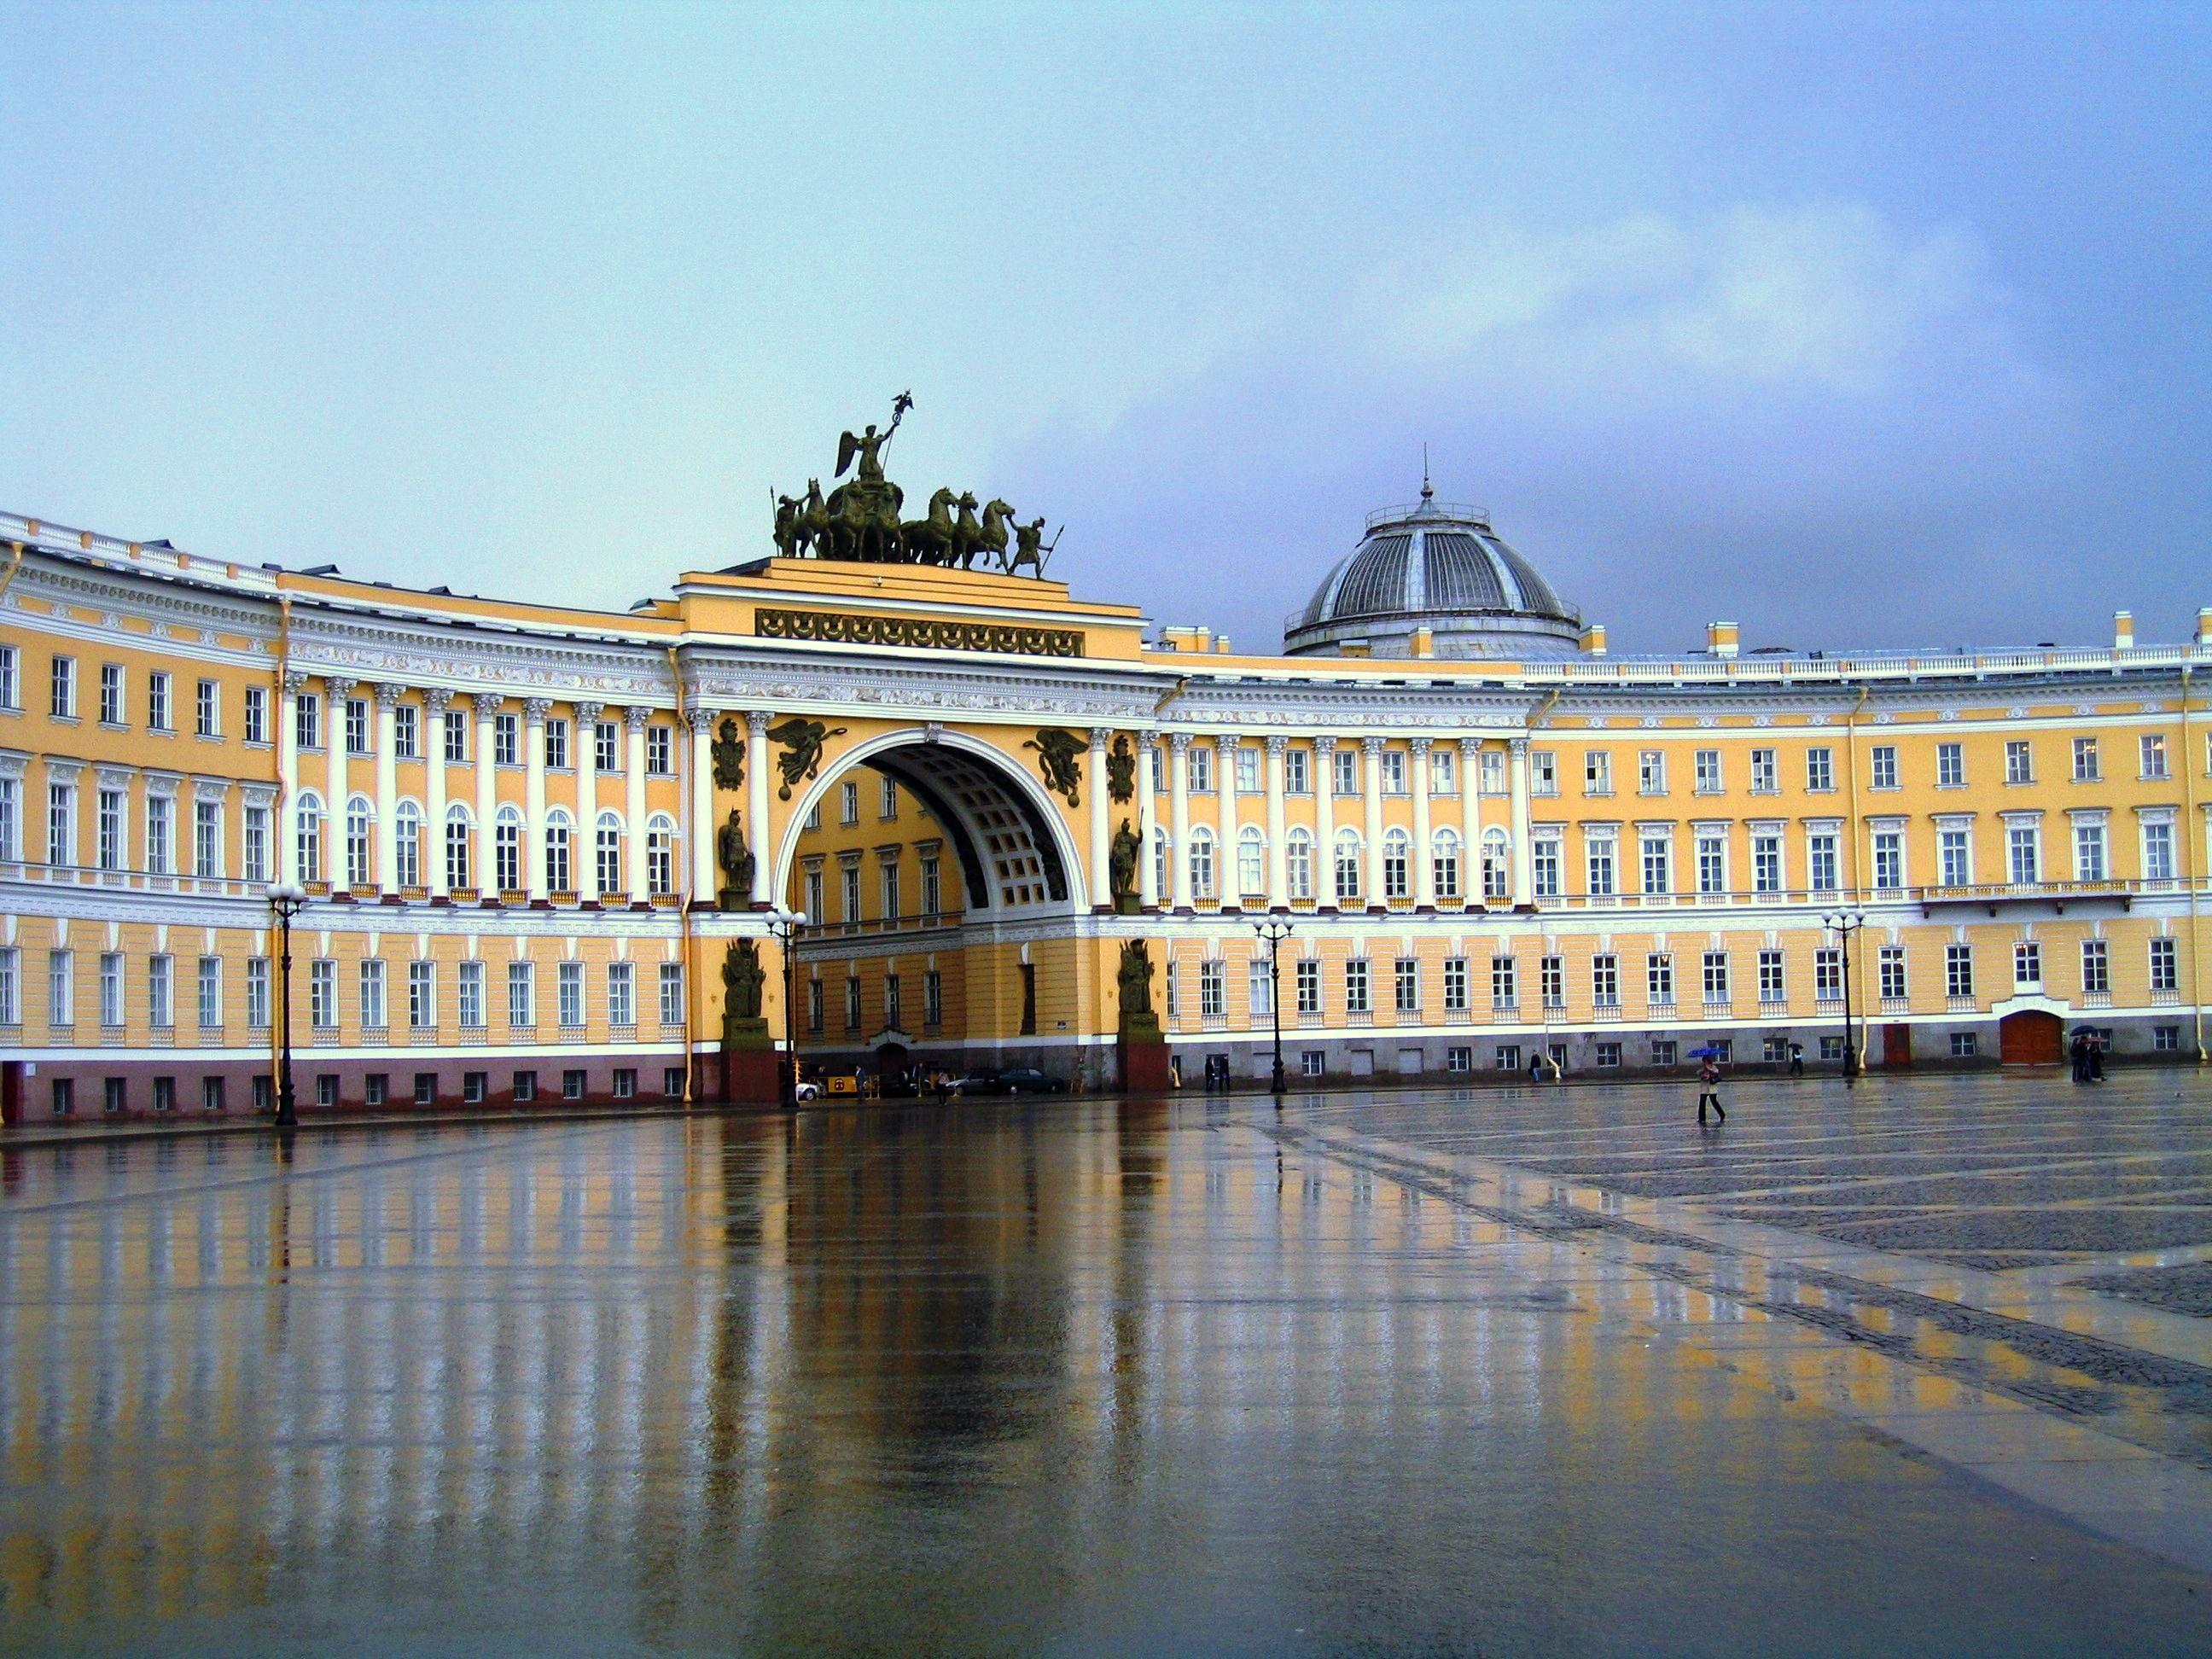 Здание Главного штаба иТриумфальная арка Главного штаба